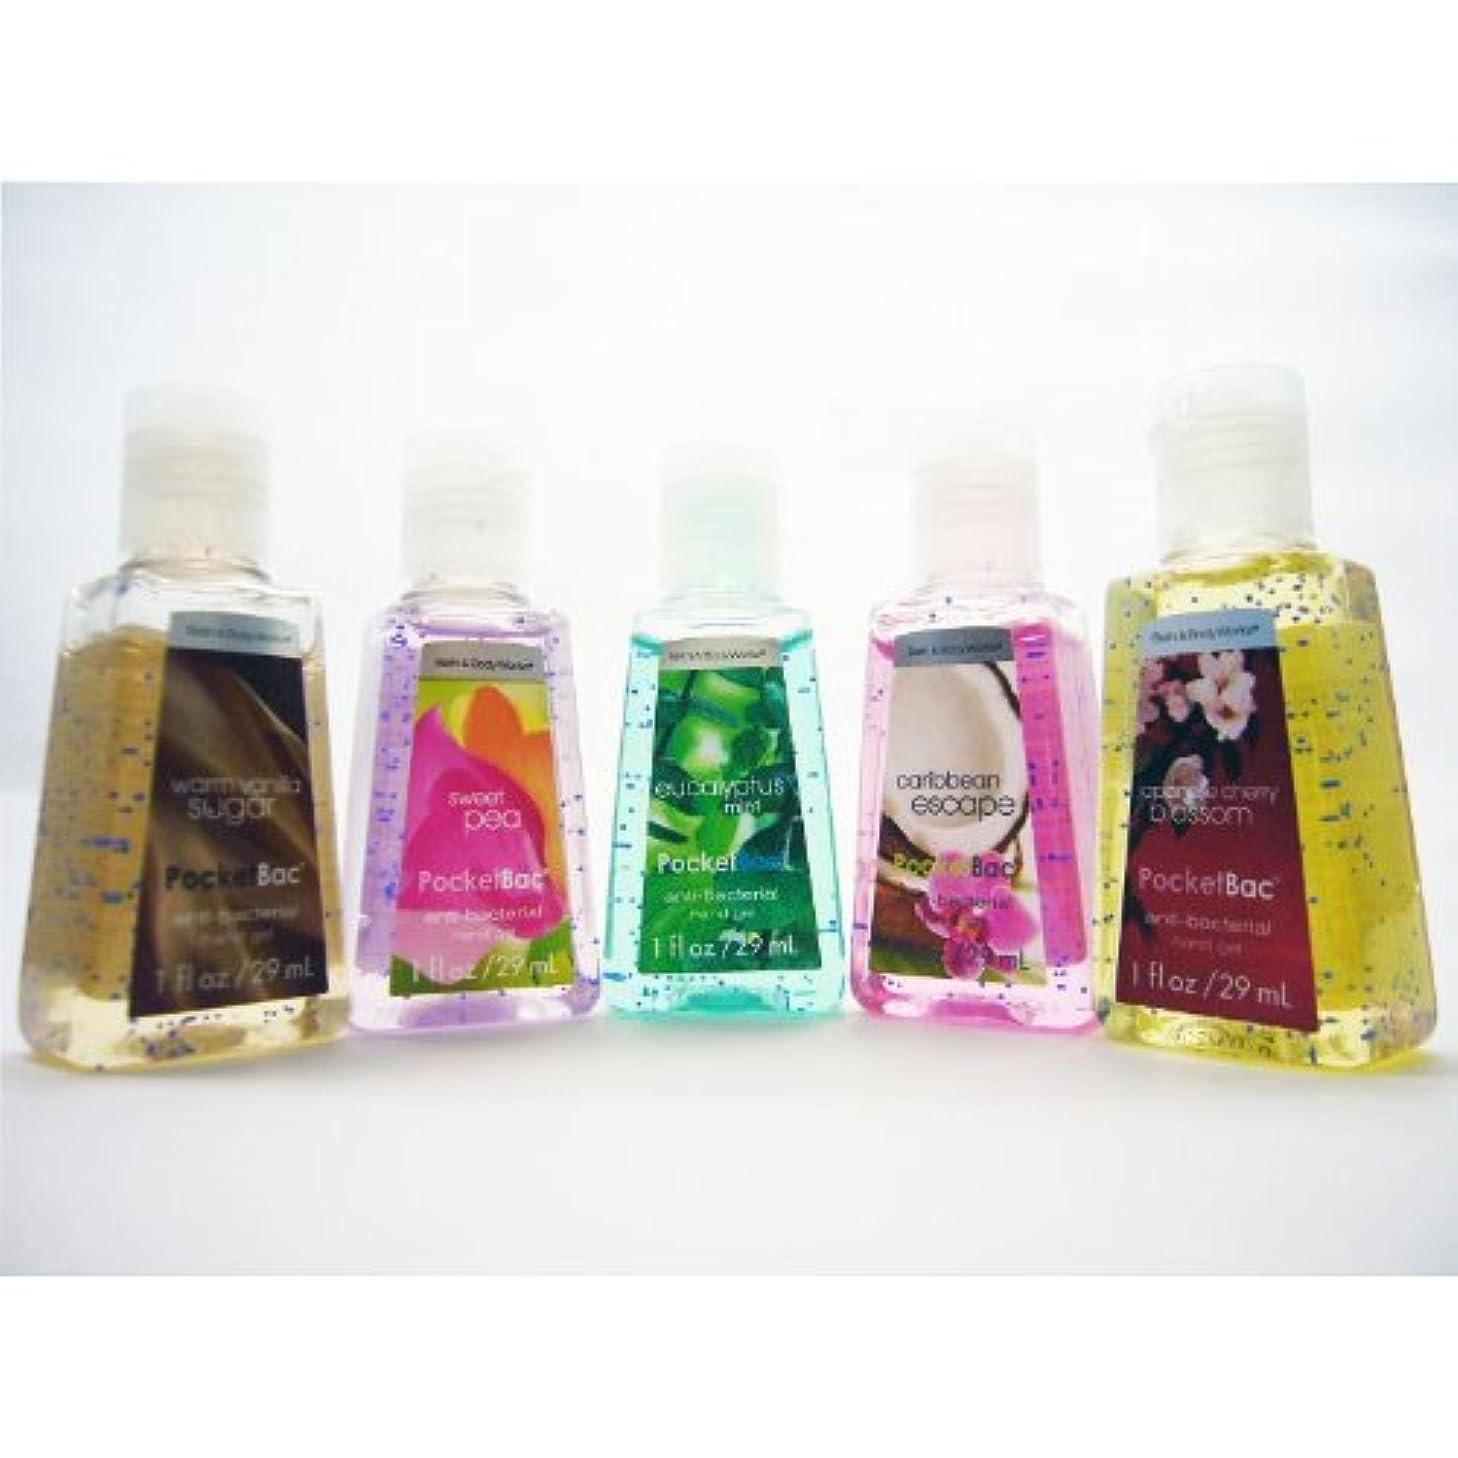 収穫賃金サイレント水の使えないところで手を洗える消毒ジェル Bath & Body Worksアンチバクテリアハンドジェルとホルダー1個付(並行輸入品)